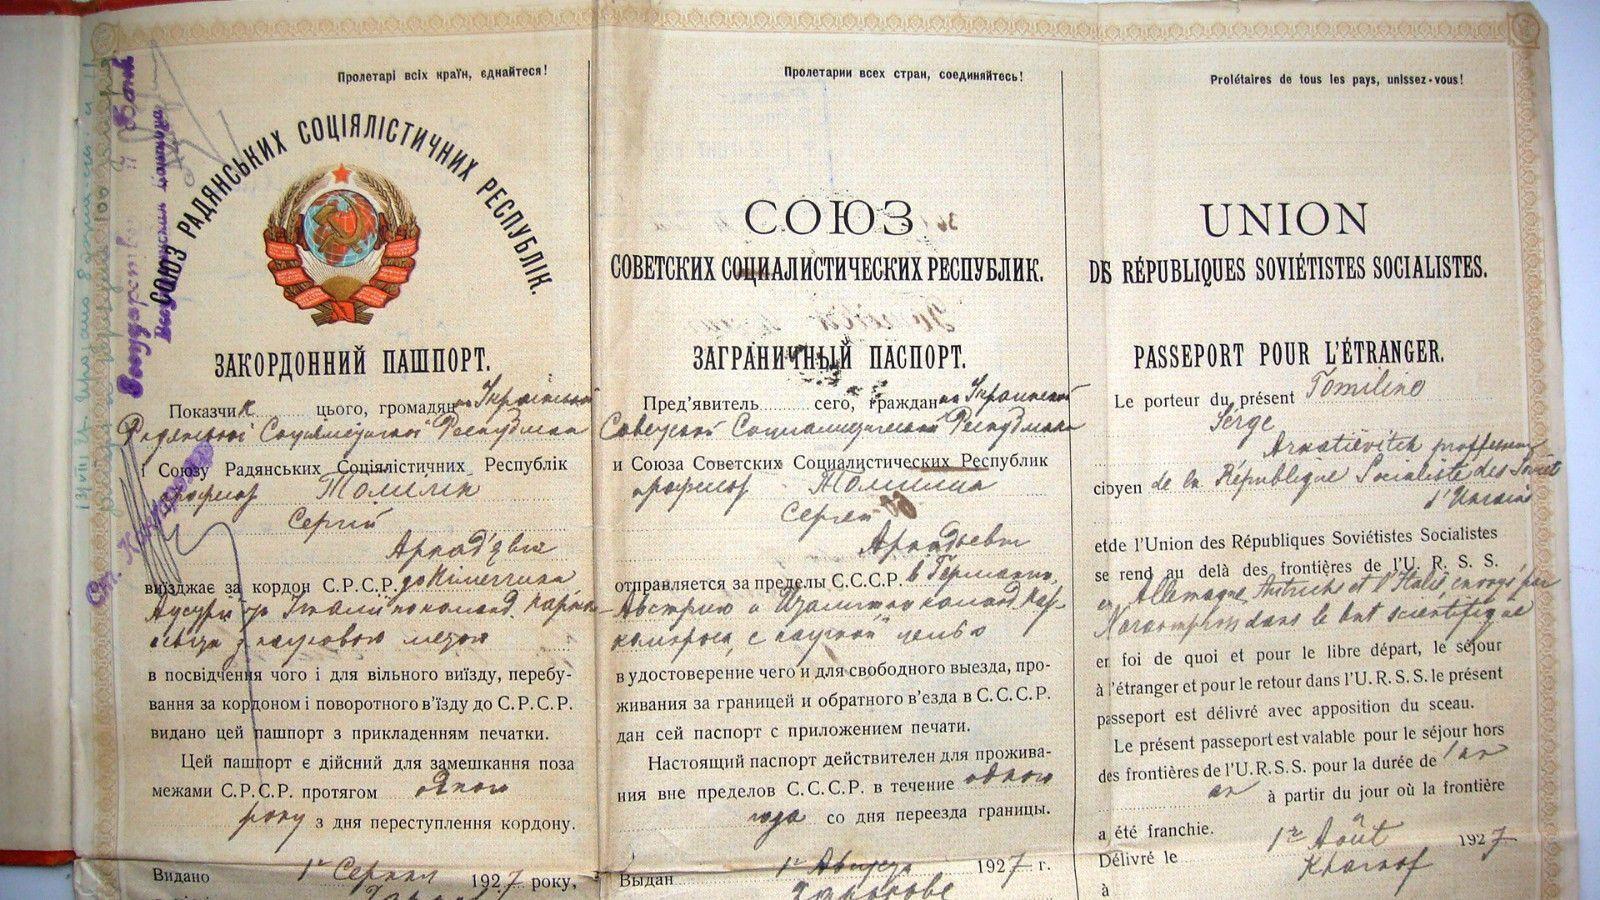 Загранпаспорт УССР 1927 года на украинском, русском и французском языках